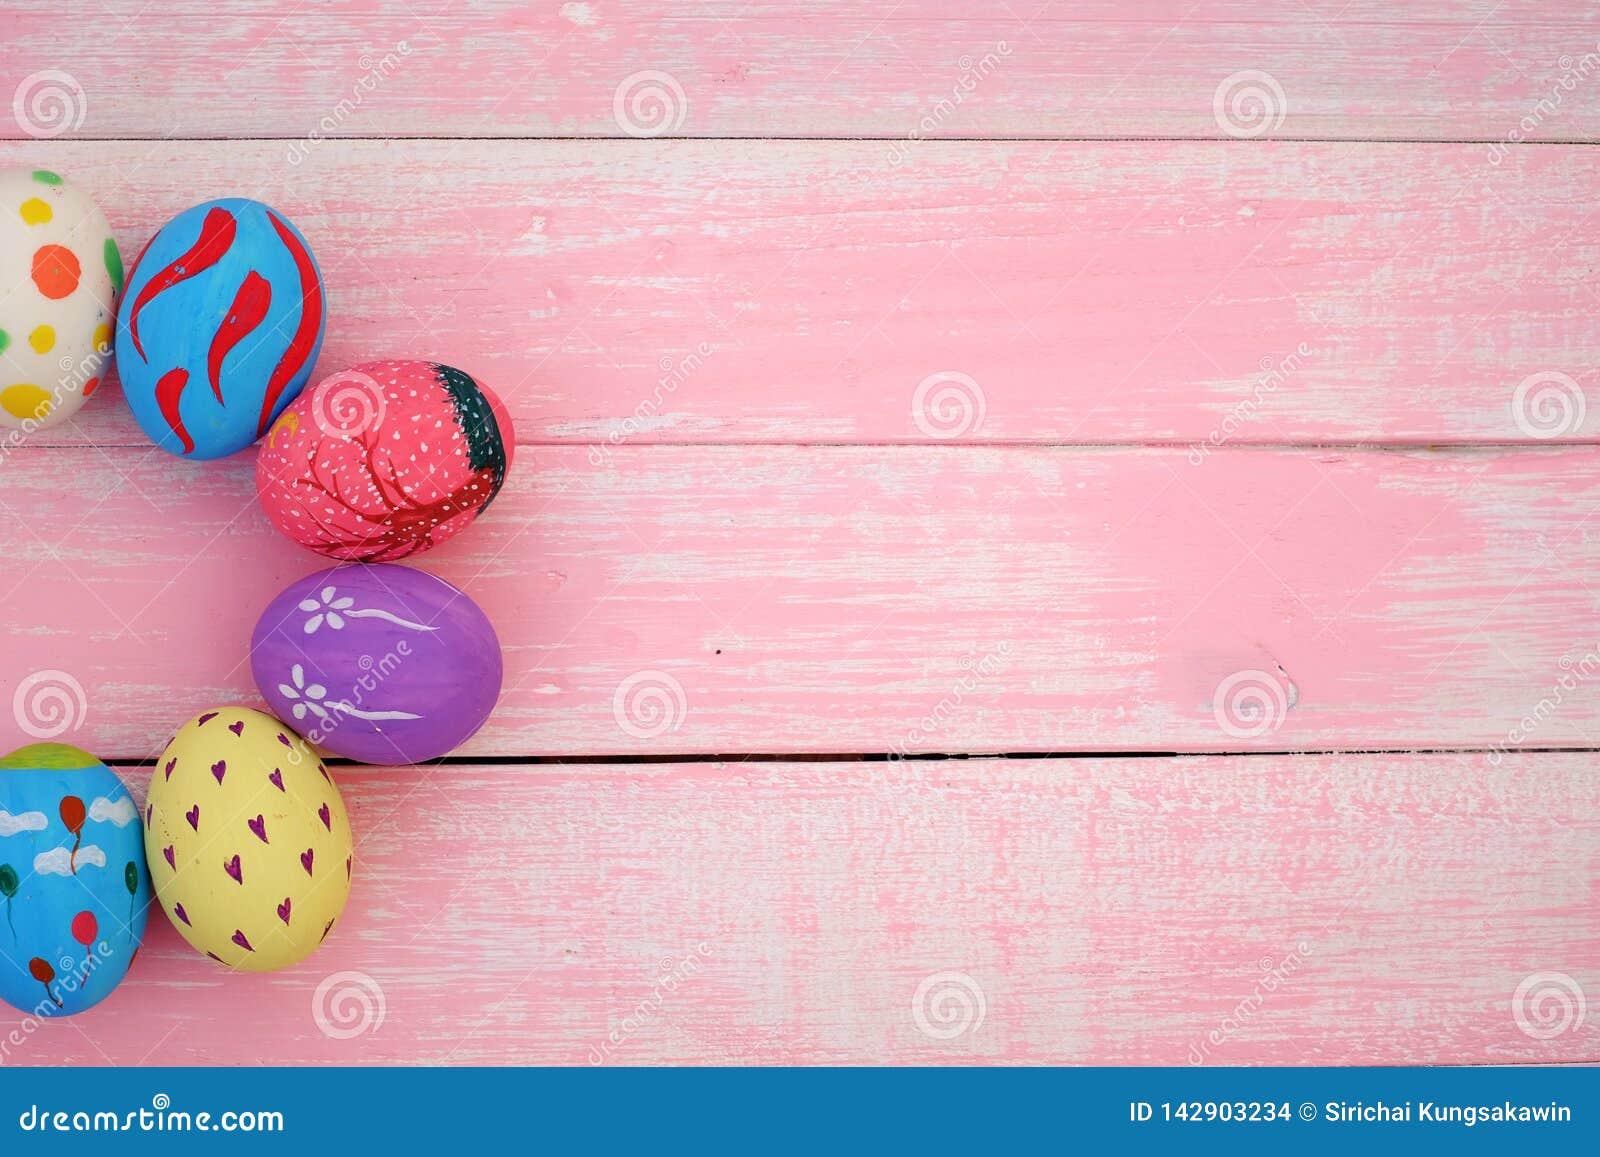 Huevos de Pascua pintados a mano en colores pastel con el fondo rosado